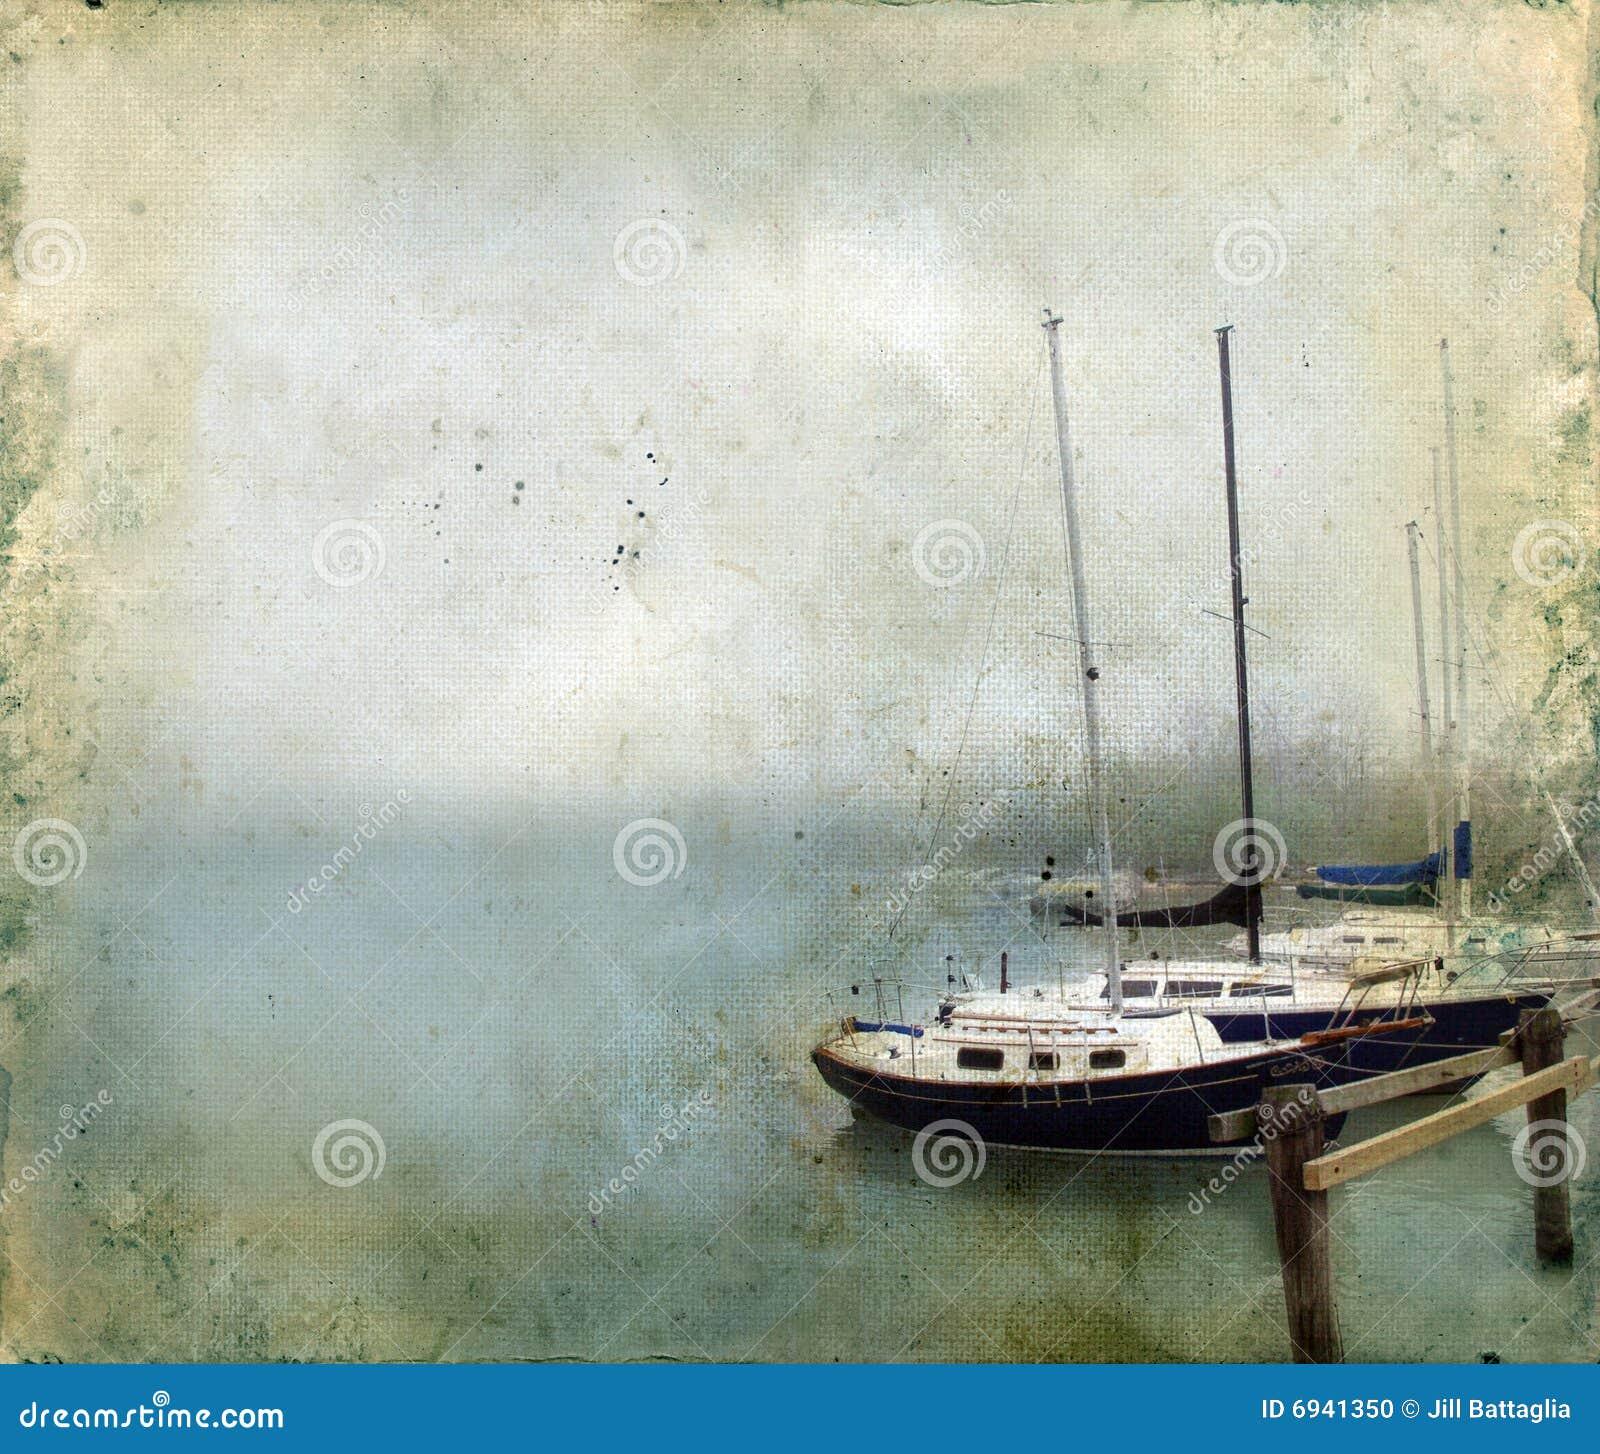 Segelboote angekoppelt im Nebel